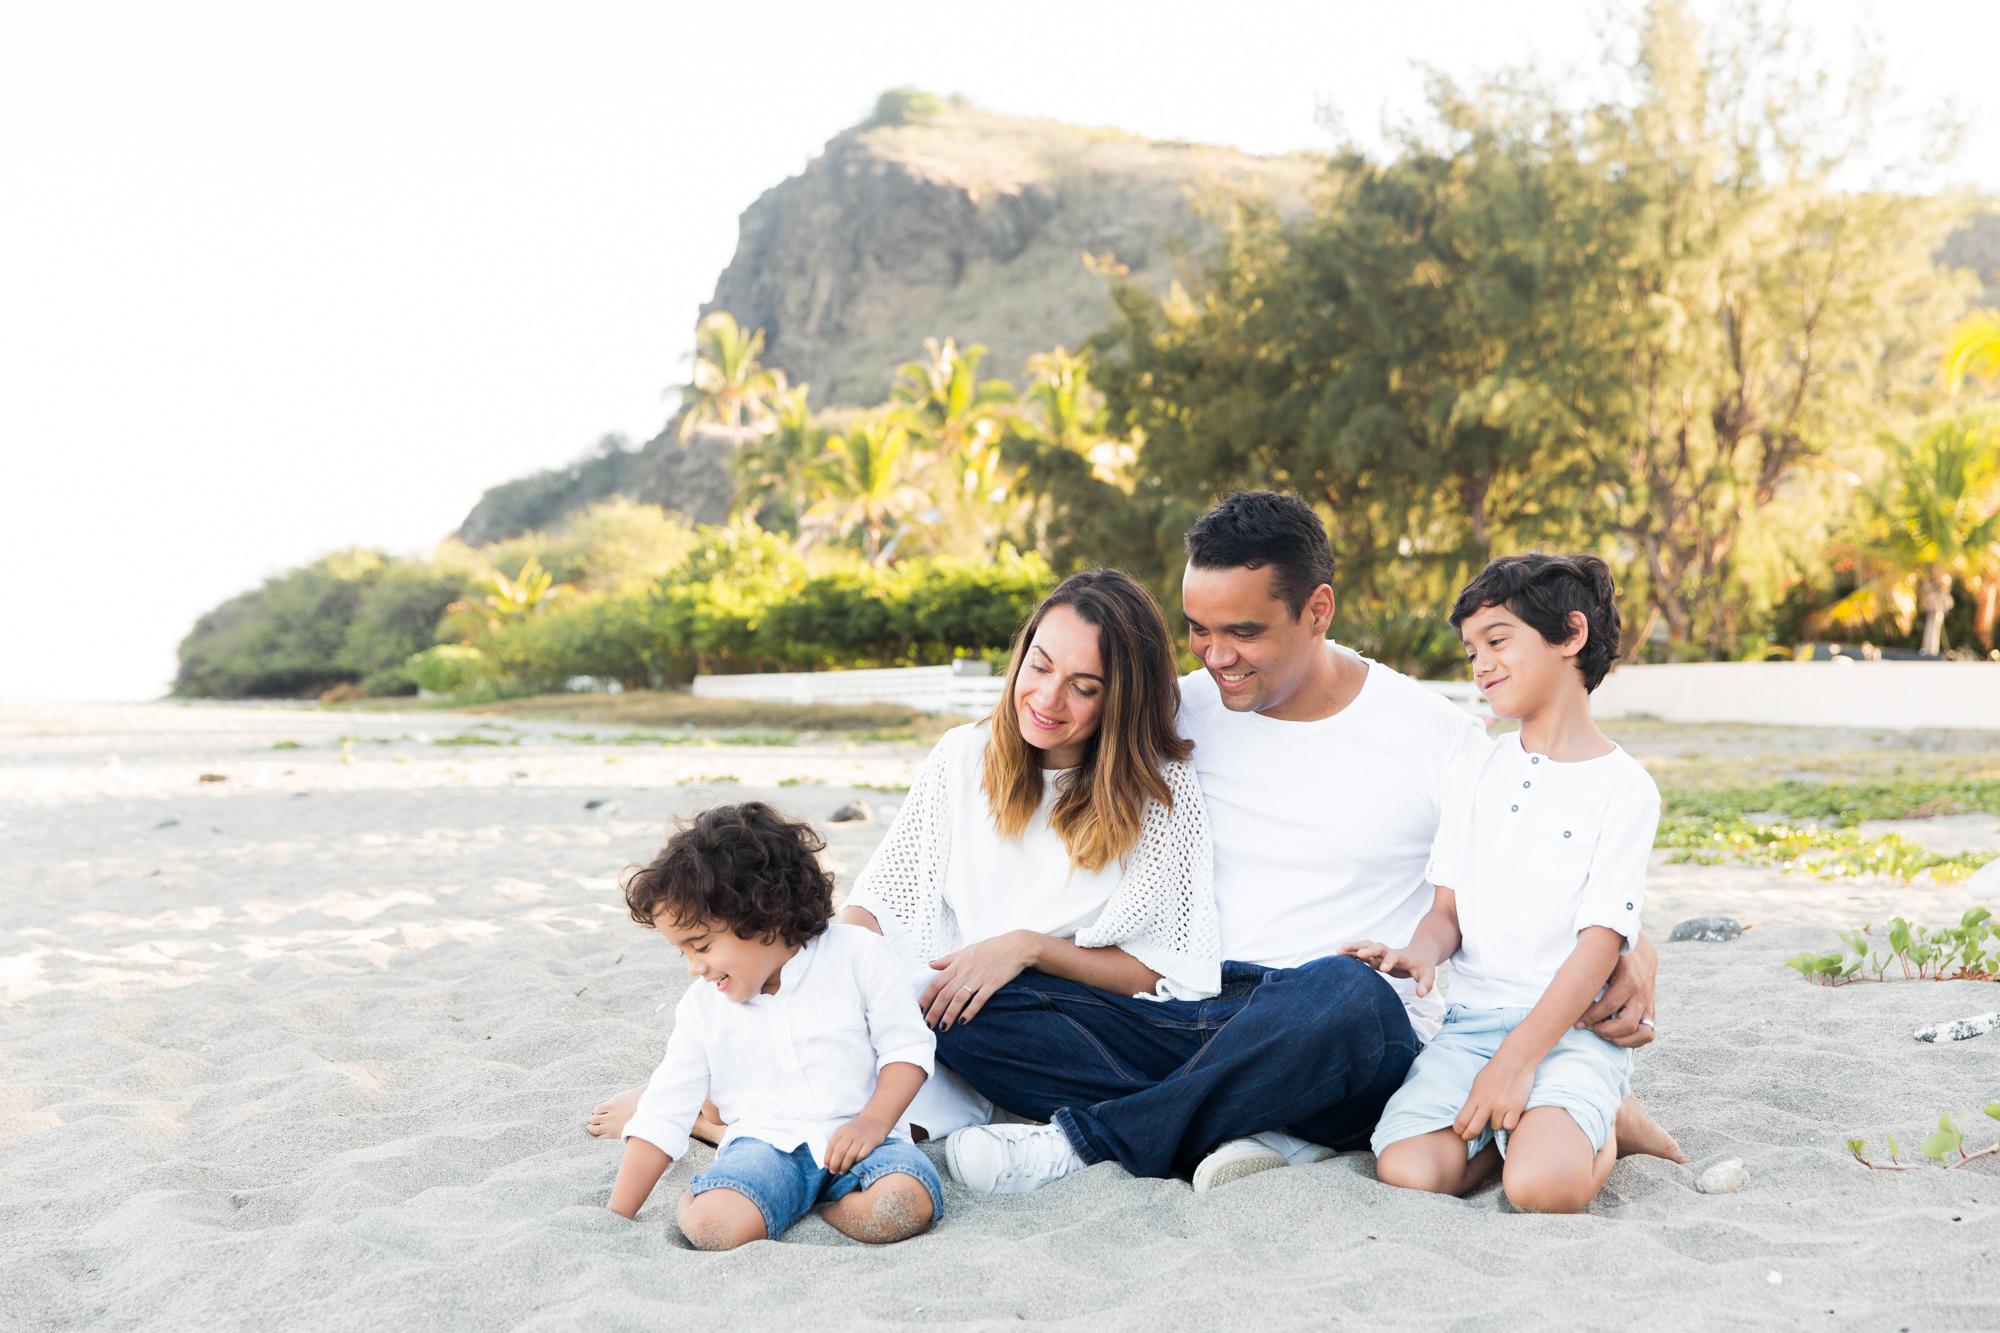 photographe-iledelareunion-974-saintgilles-saintpaul-saintdenis-famille-enfant-plage